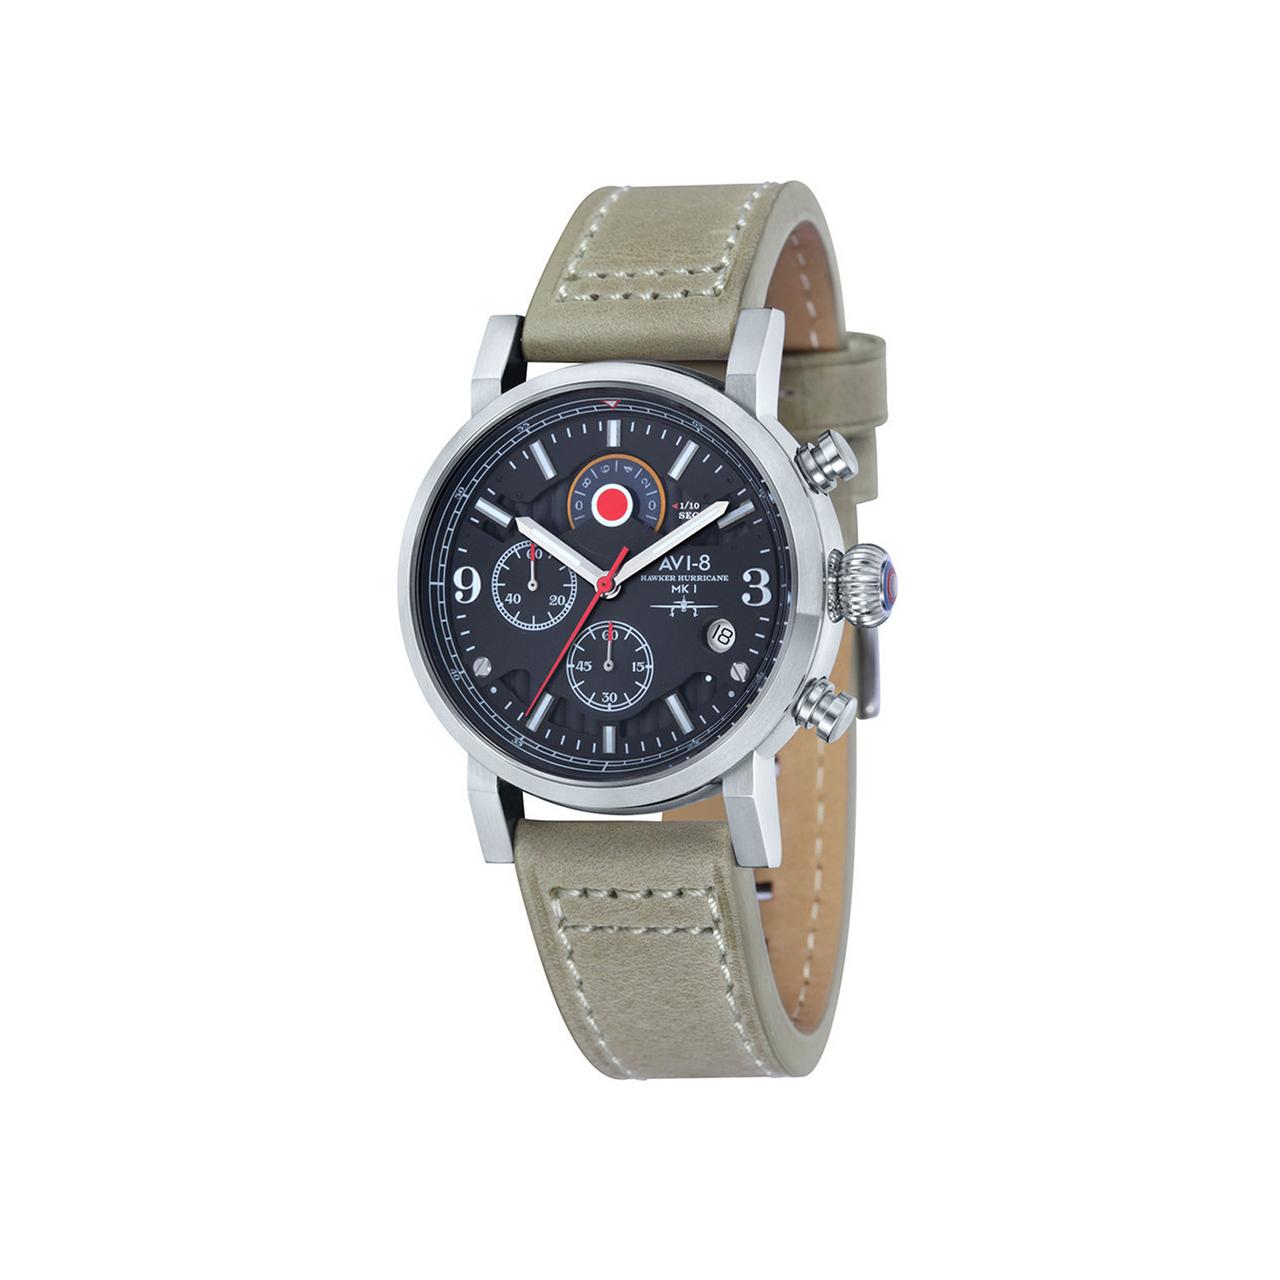 ساعت مچی عقربه ای مردانه ای وی-8 مدل AV-4041-02